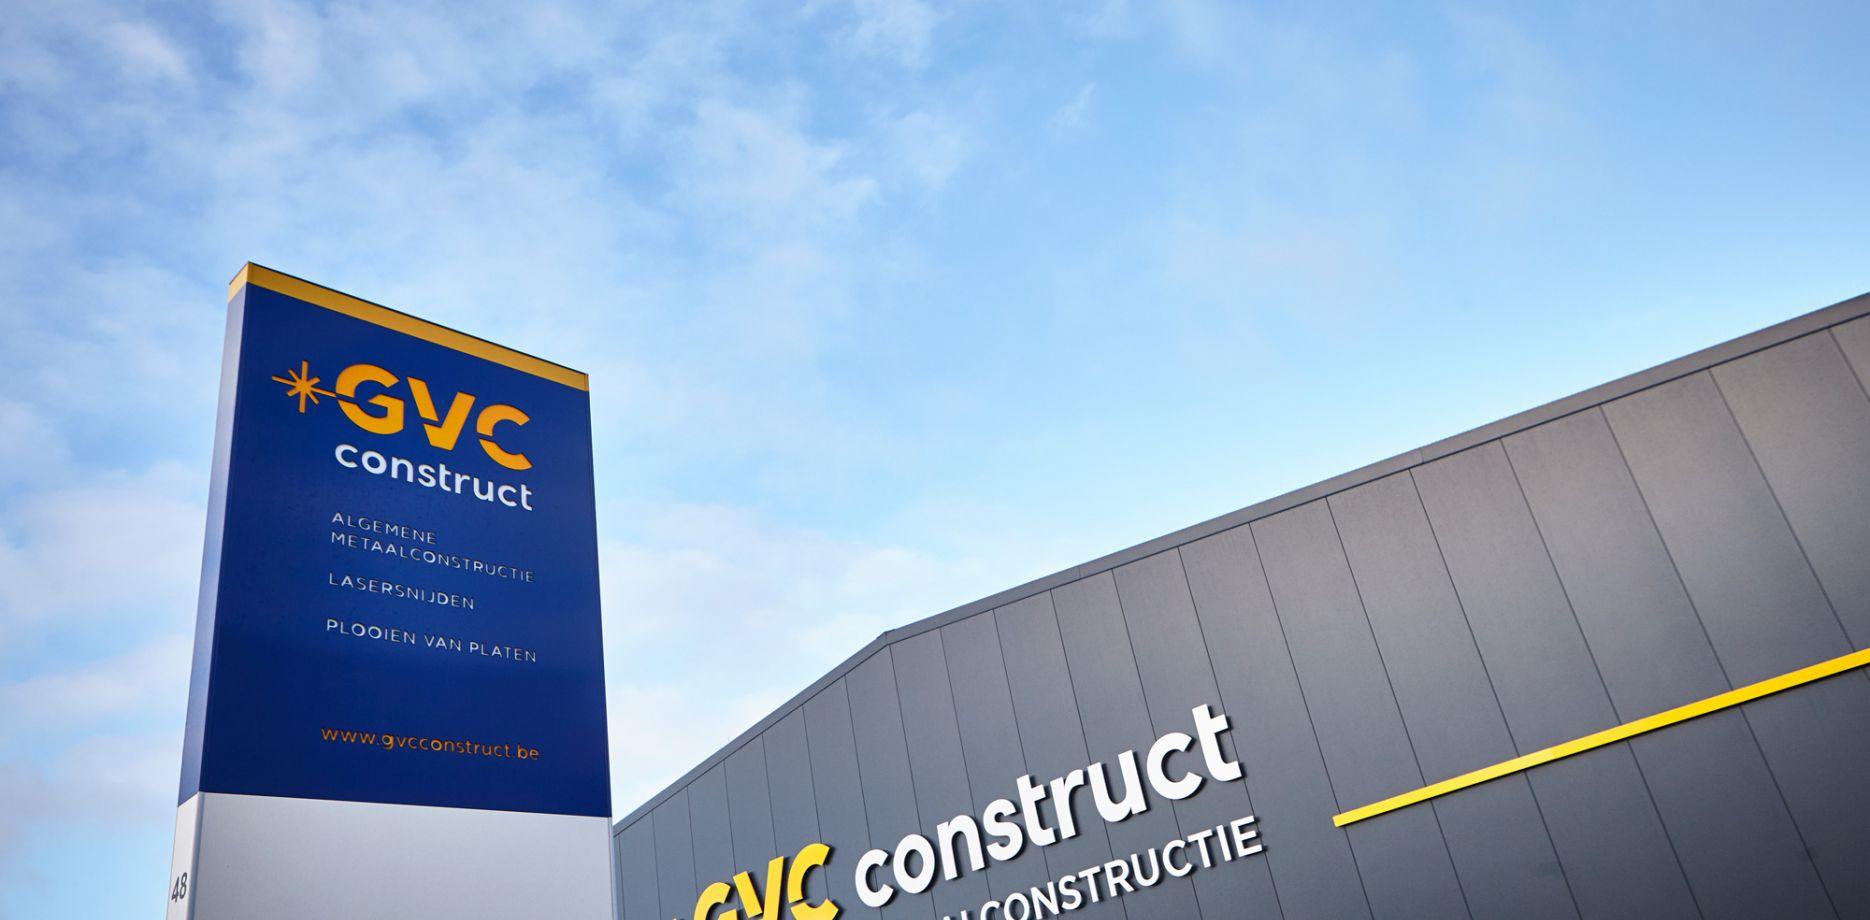 GVC Construct